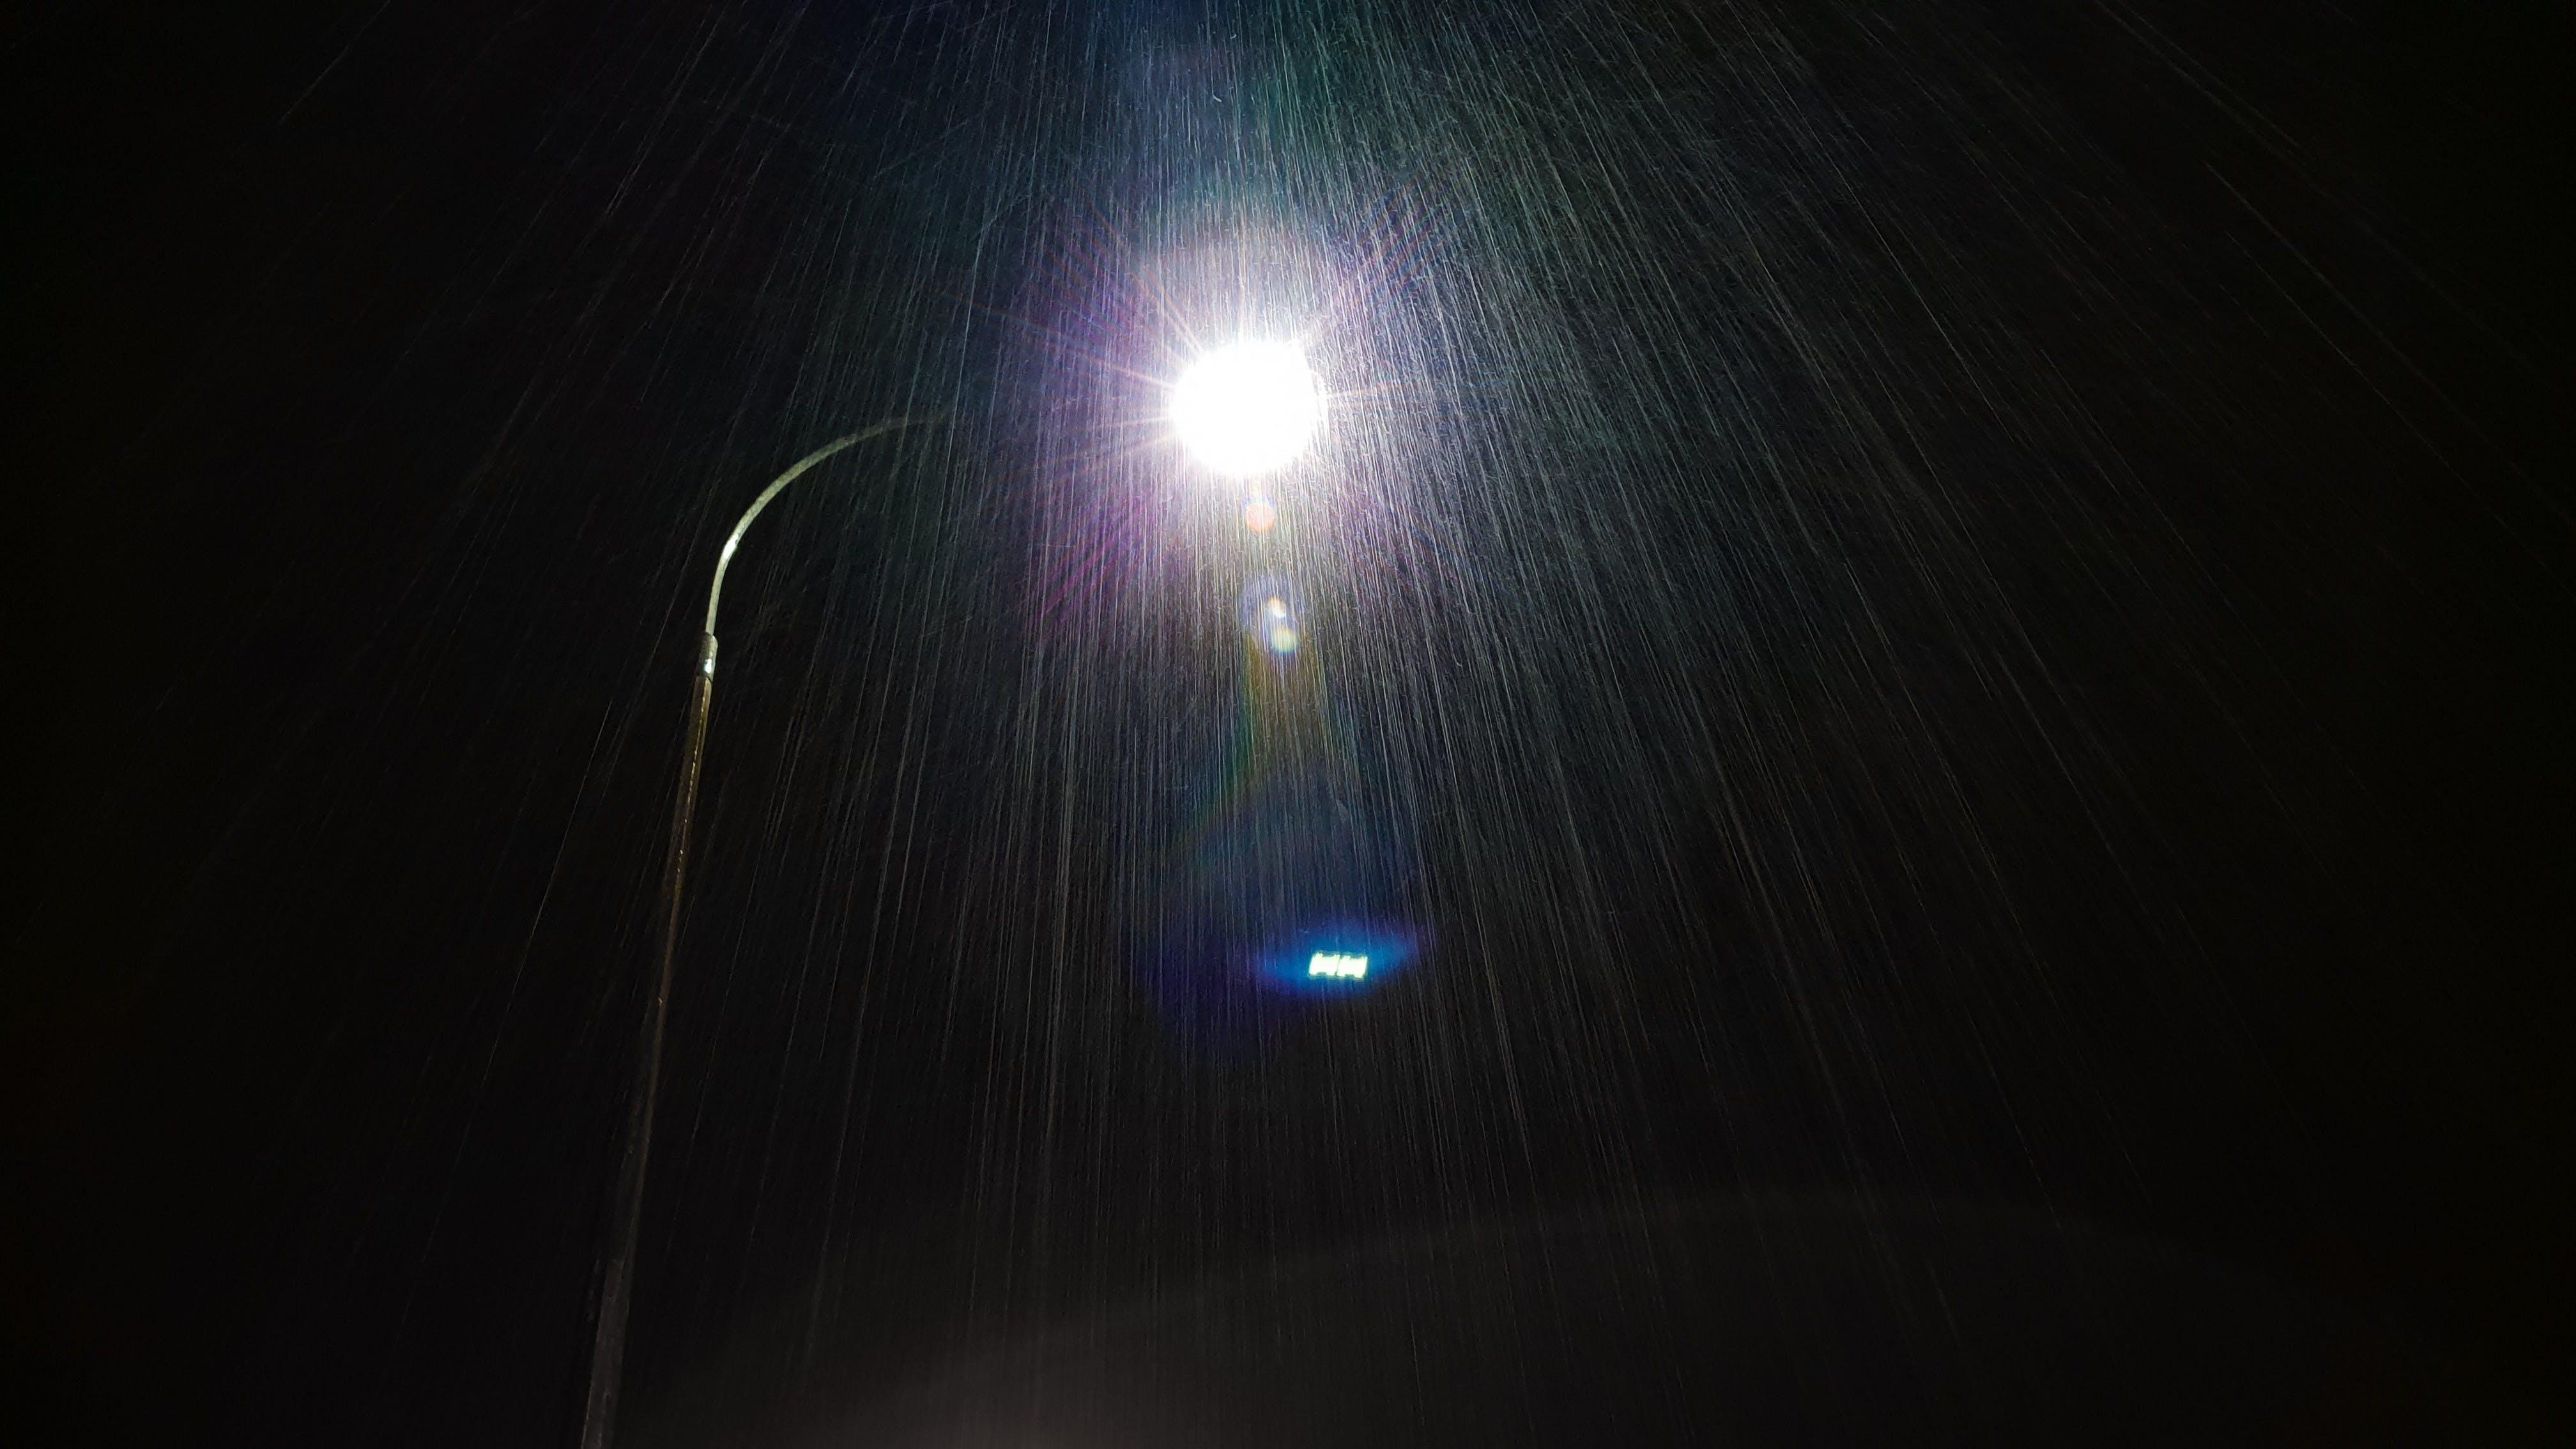 Kostenloses Stock Foto zu abendhimmel, aufnahme von unten, dunkel, feuchtigkeit